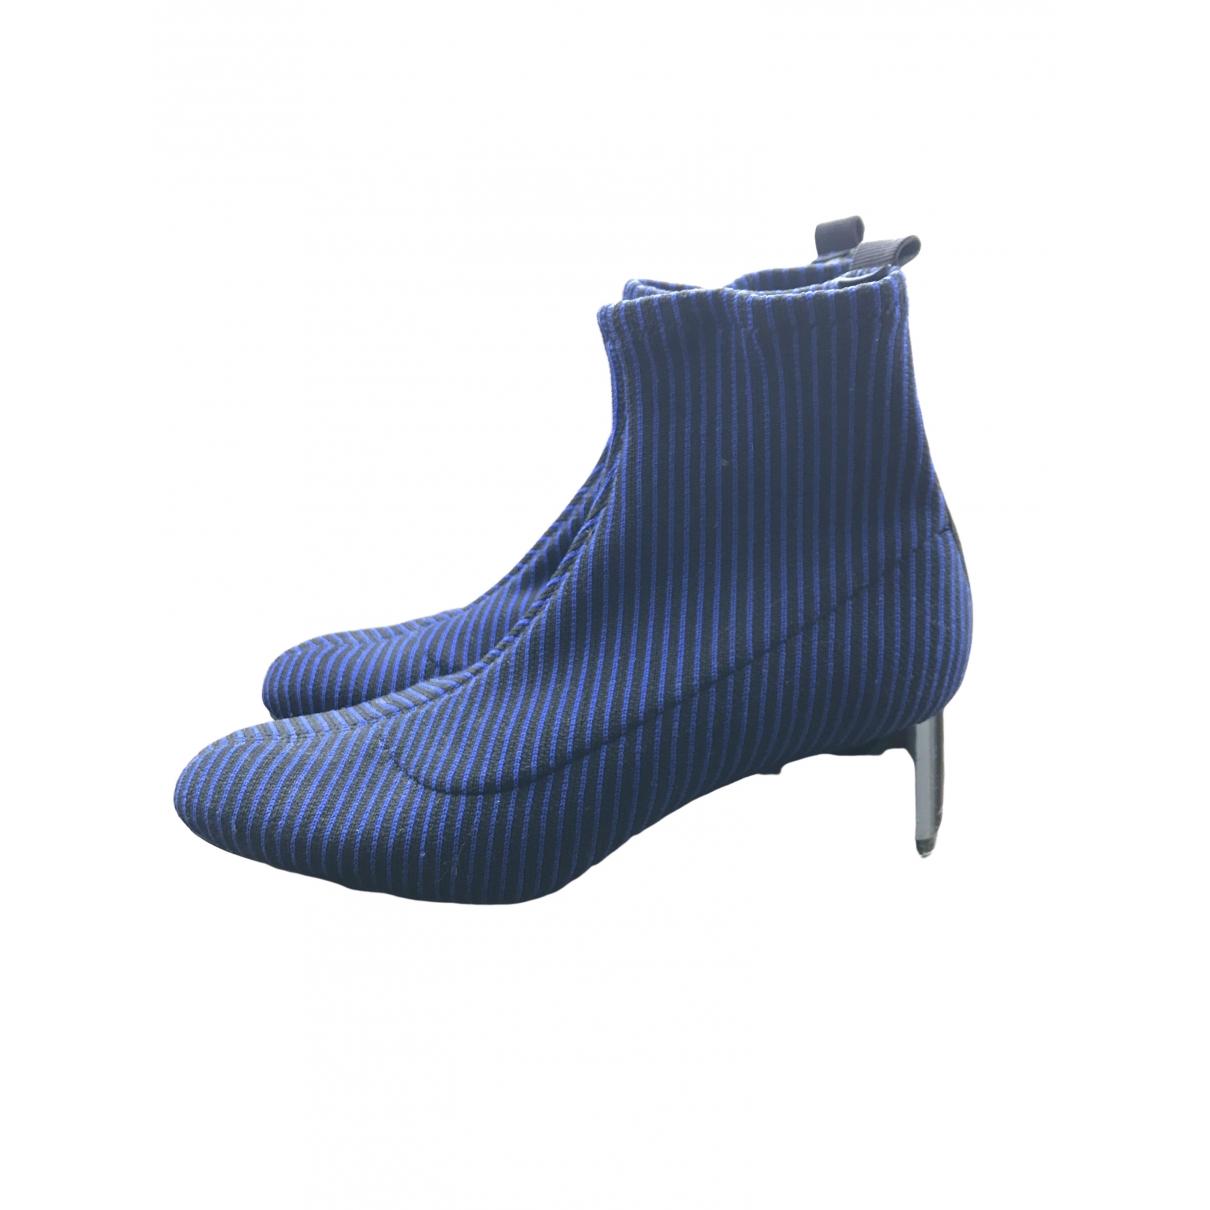 Zara \N Stiefel in  Blau Leinen